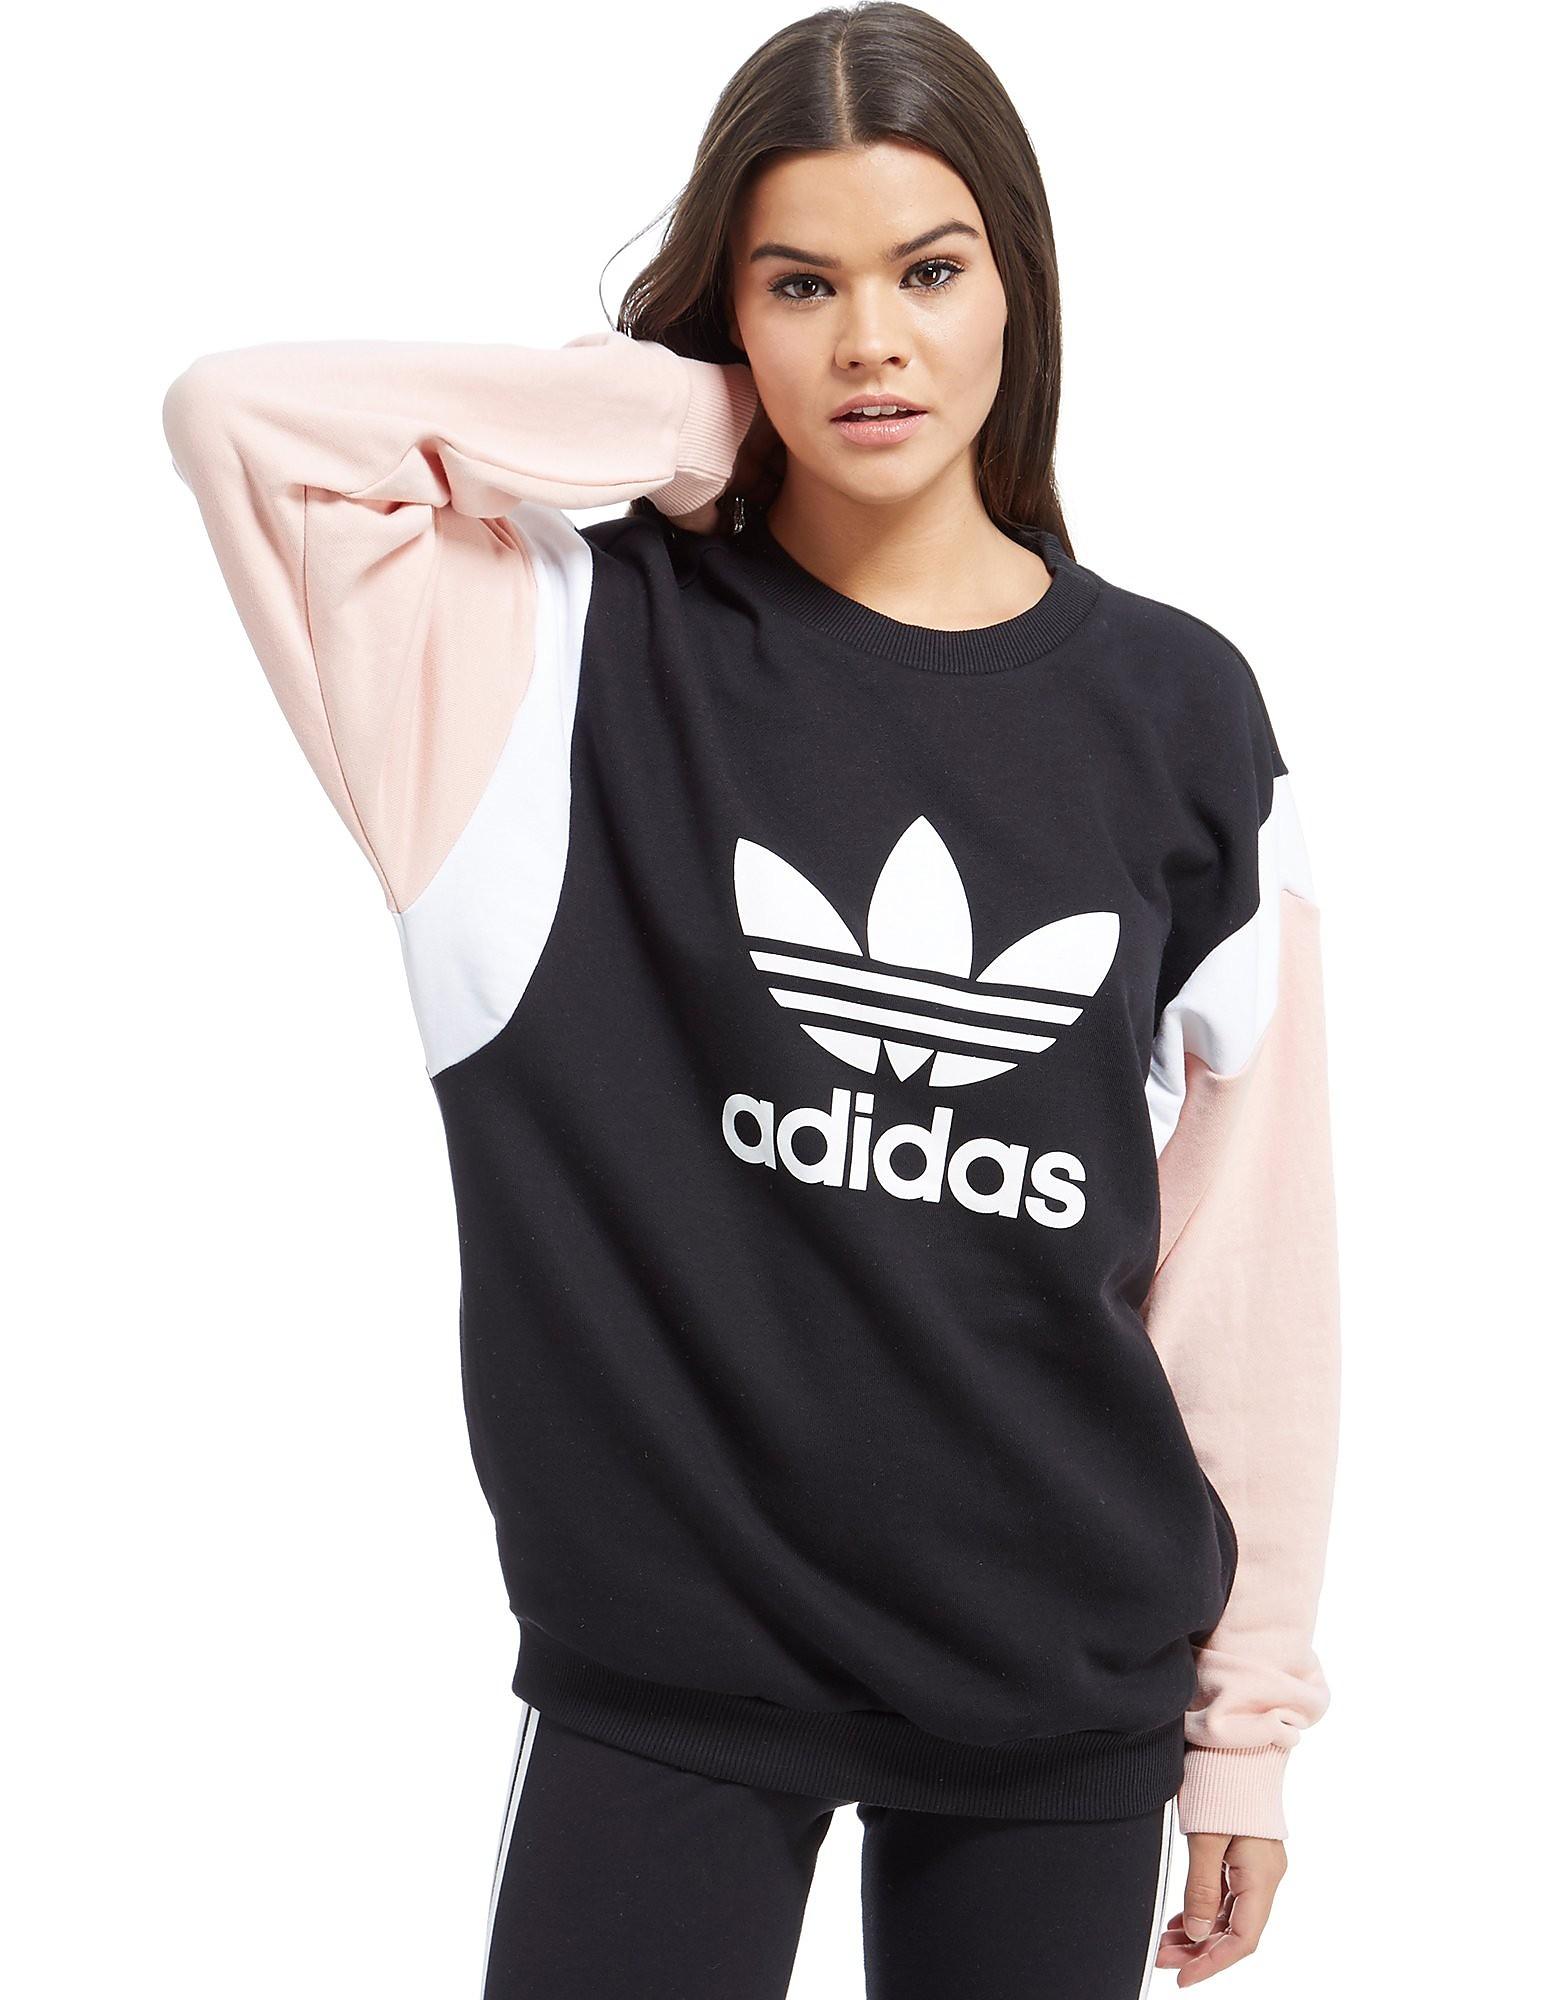 adidas Originals Colour Block Crew Sweatshirt